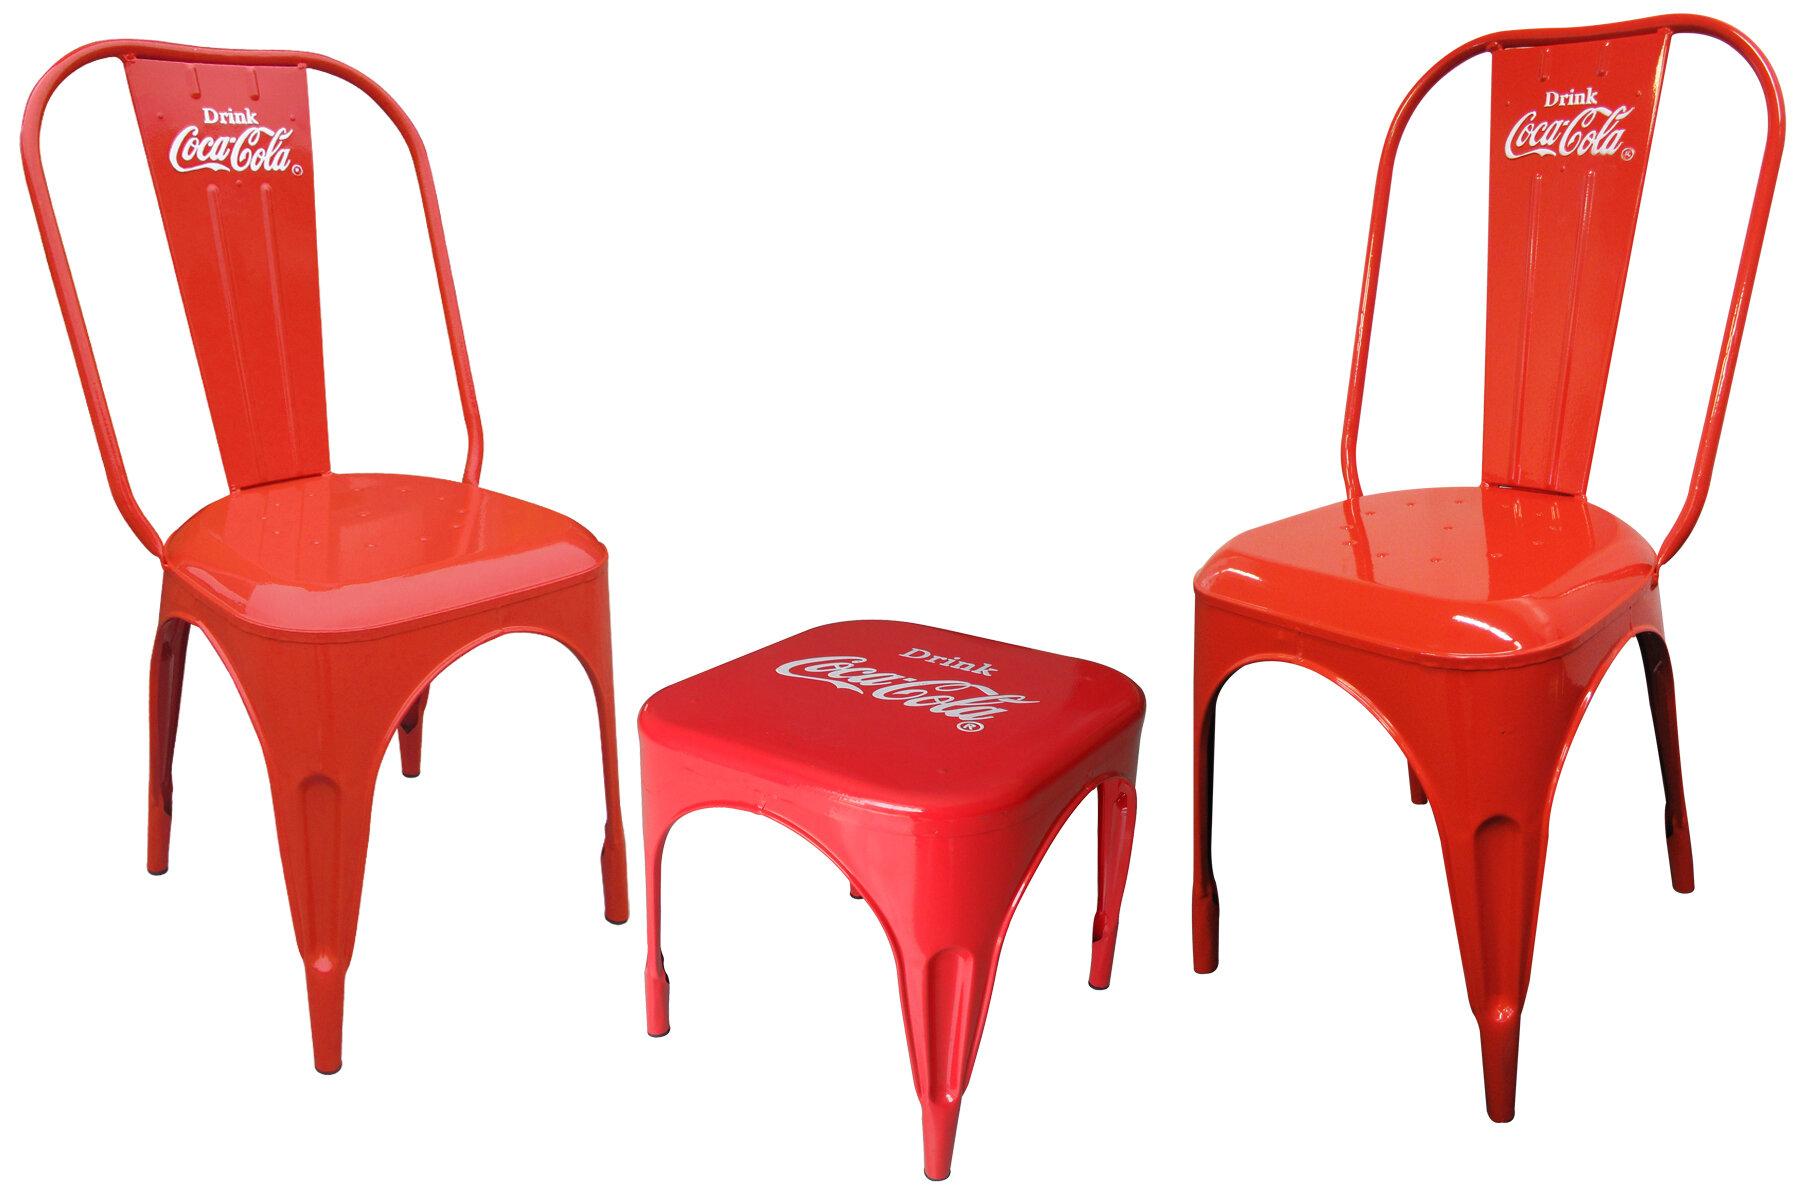 LeighCountry Coca-Cola Retro Café 3 Piece Bistro Set | Wayfair